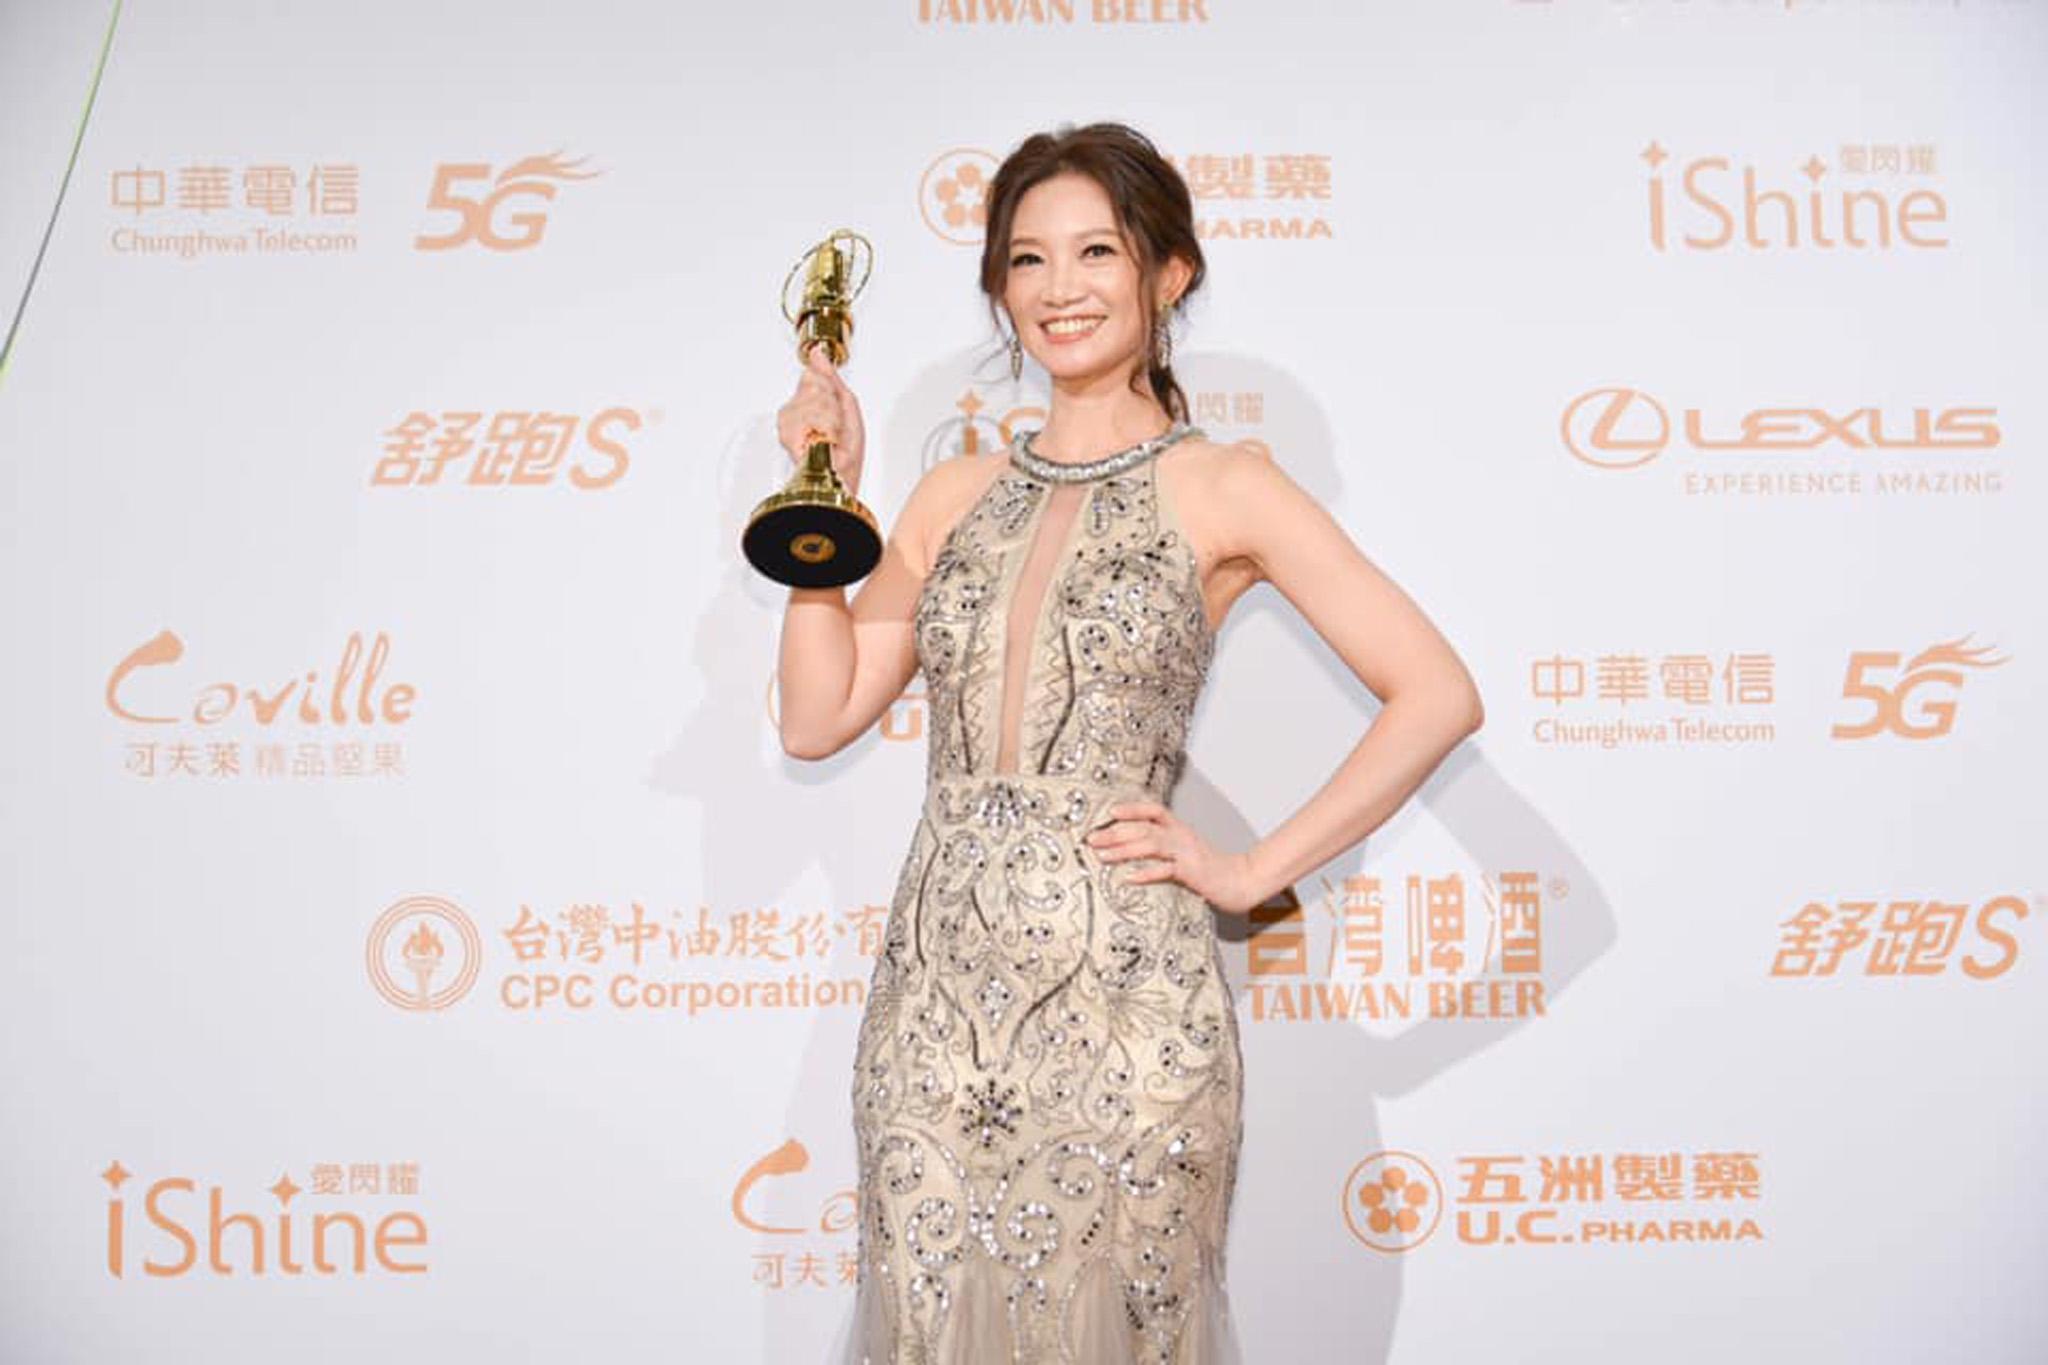 吳奕蓉奪下2020年金鐘獎迷你劇集電視電影最佳女主角。